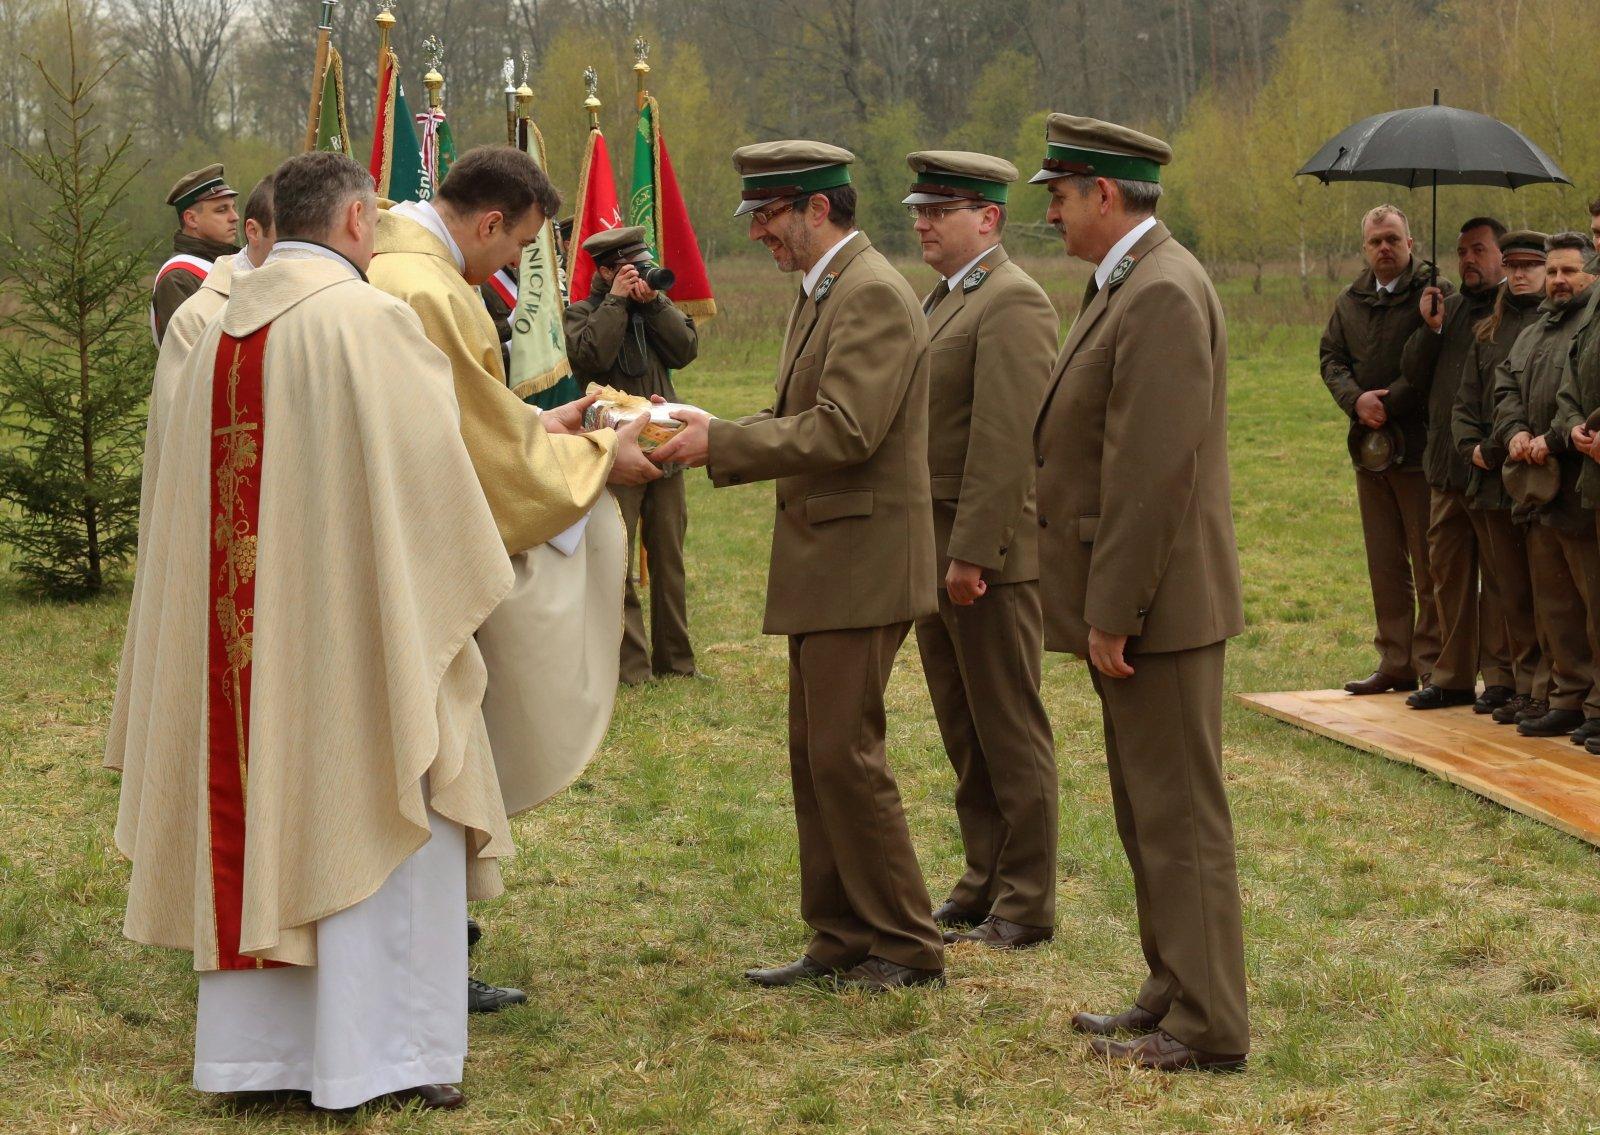 Leśnicy składają dary księżom celebrującym mszę podczas regionalnych obchodów Święta Lasu, w nadleśnictwie Olsztyn. PAP/Tomasz Waszczuk